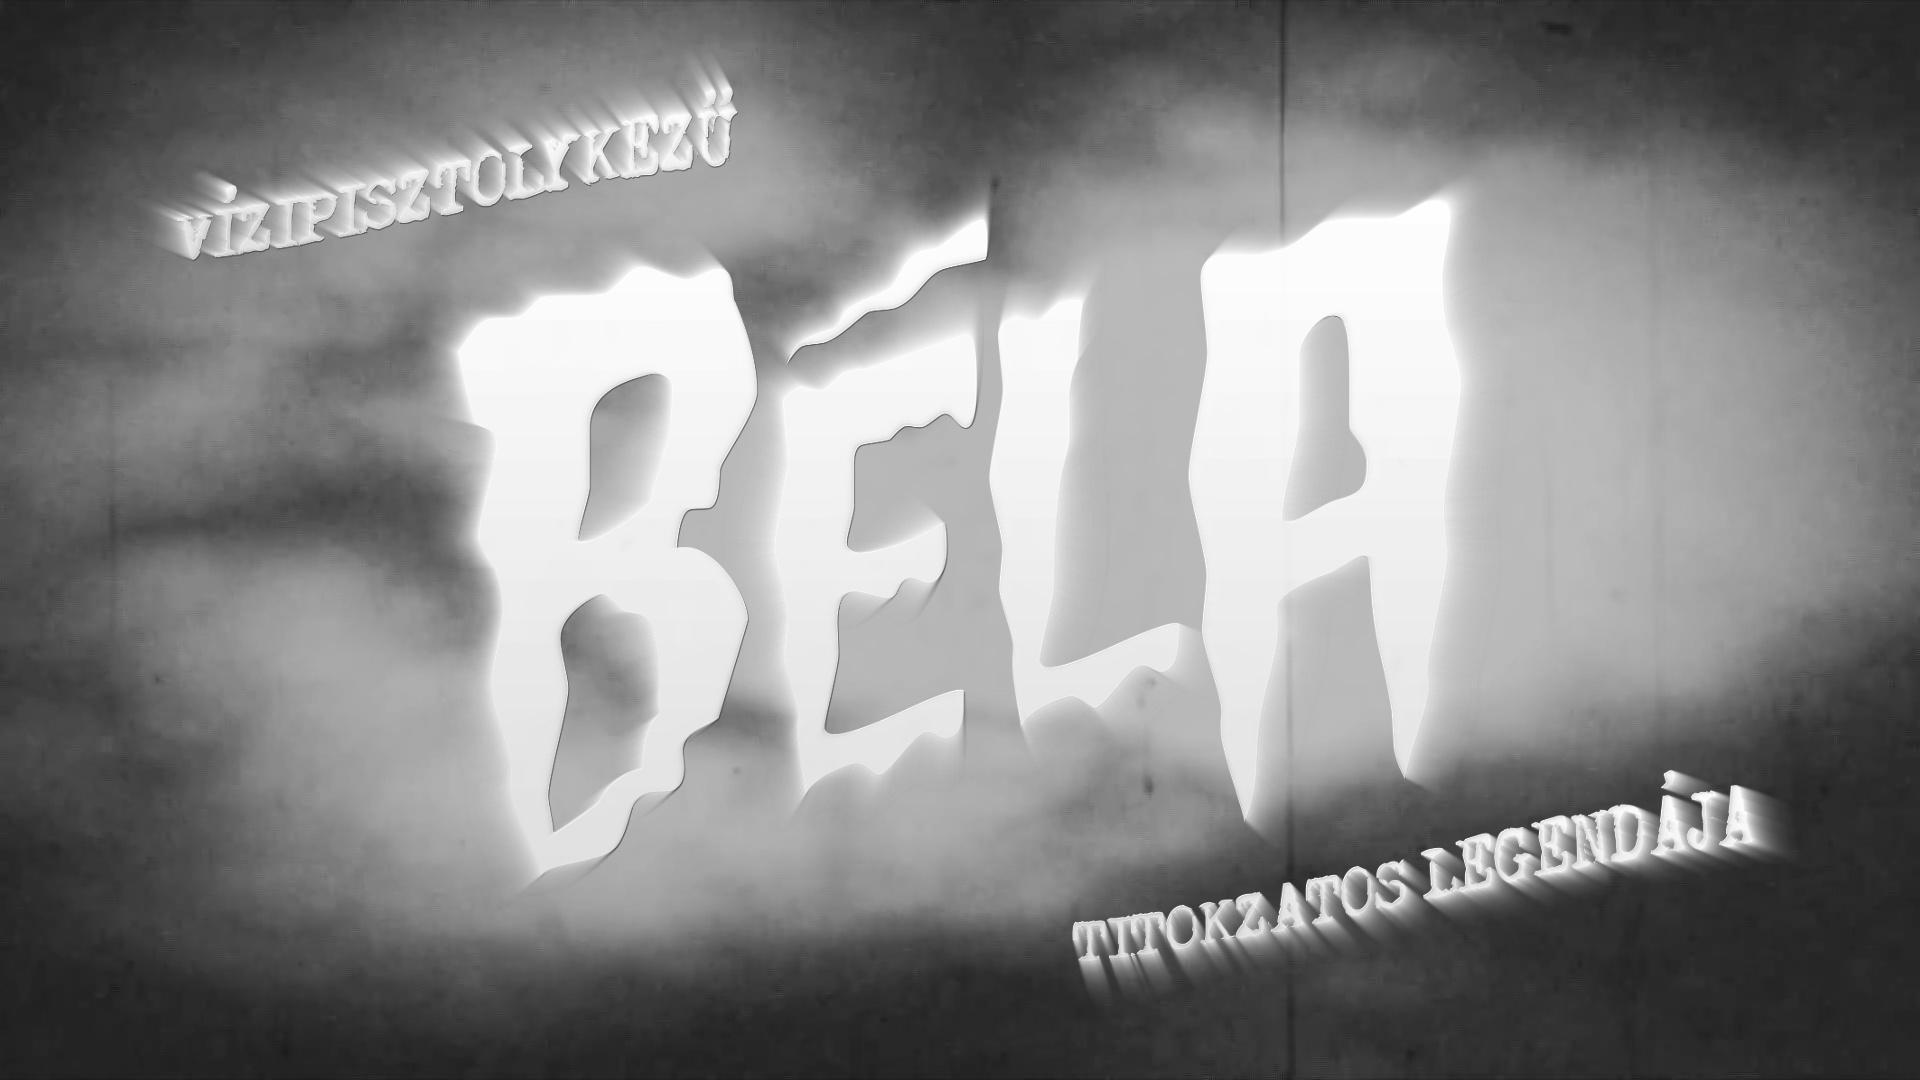 Vízipisztolykezű Béla titokzatos legendája